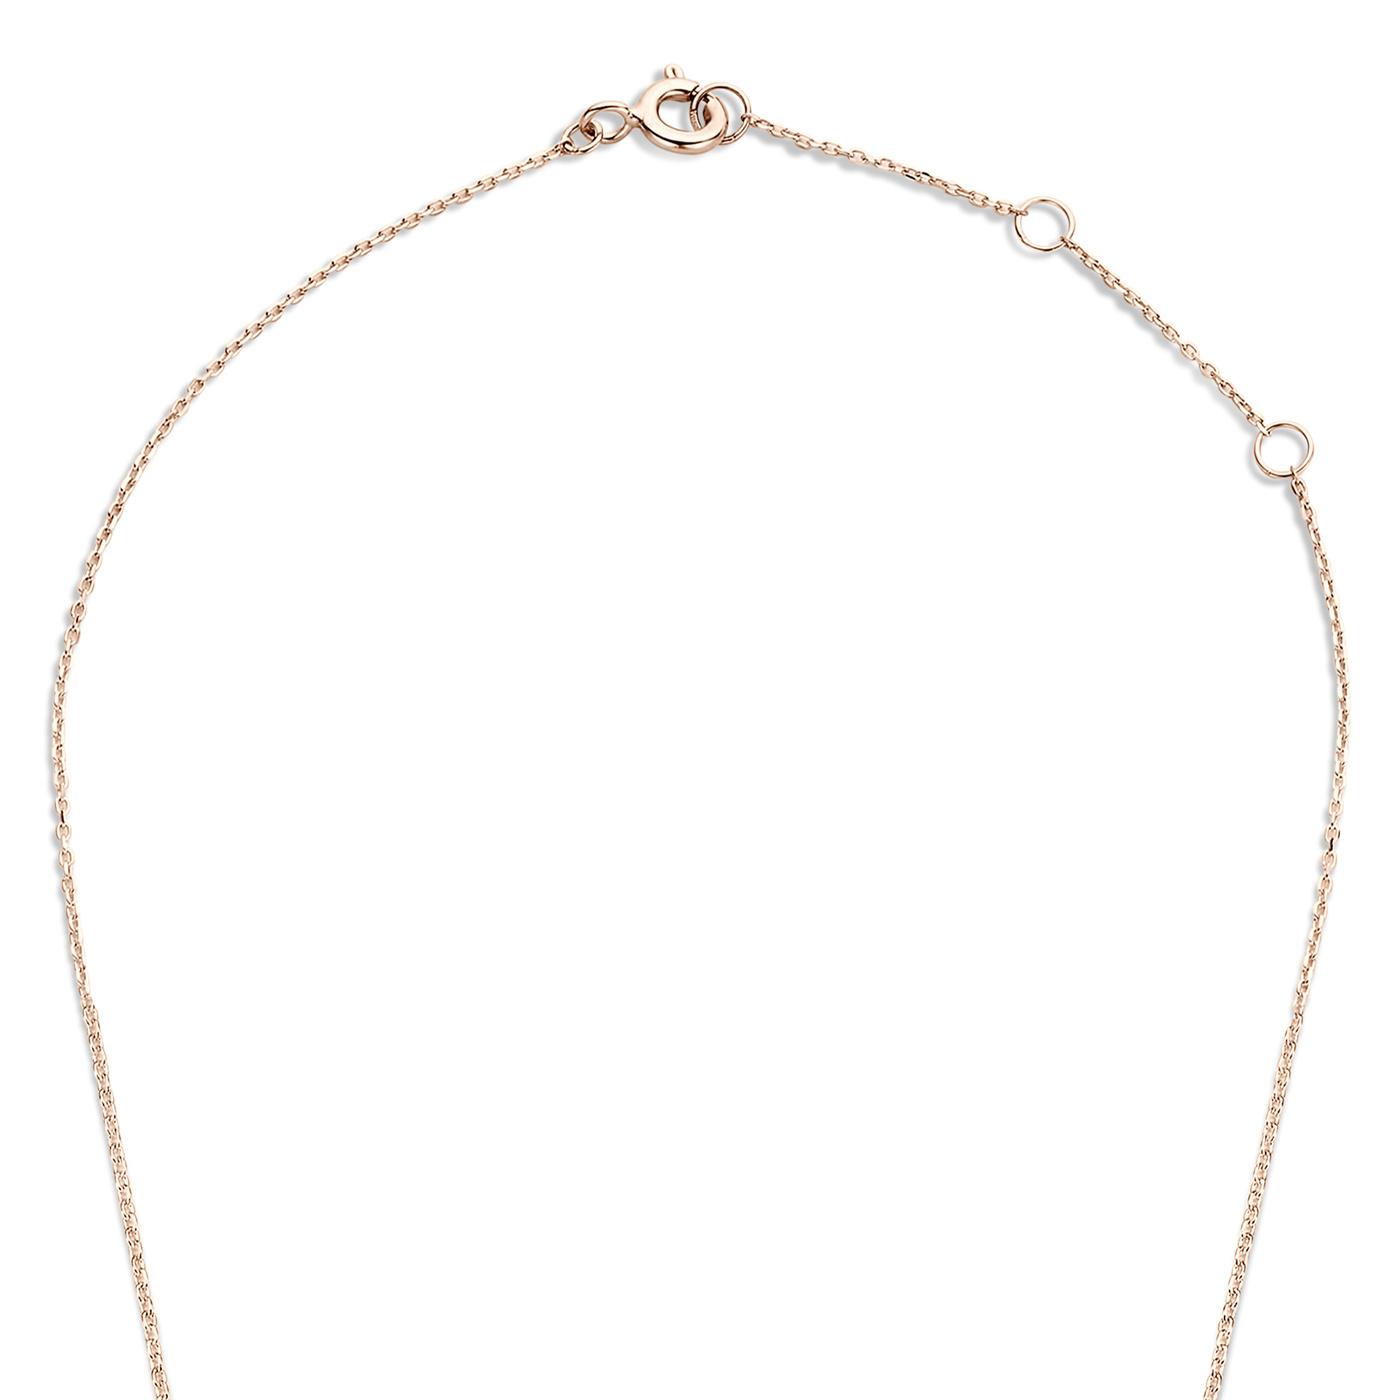 Isabel Bernard La Concorde Axelle 14 karaat rosé gouden collier met zirkonia